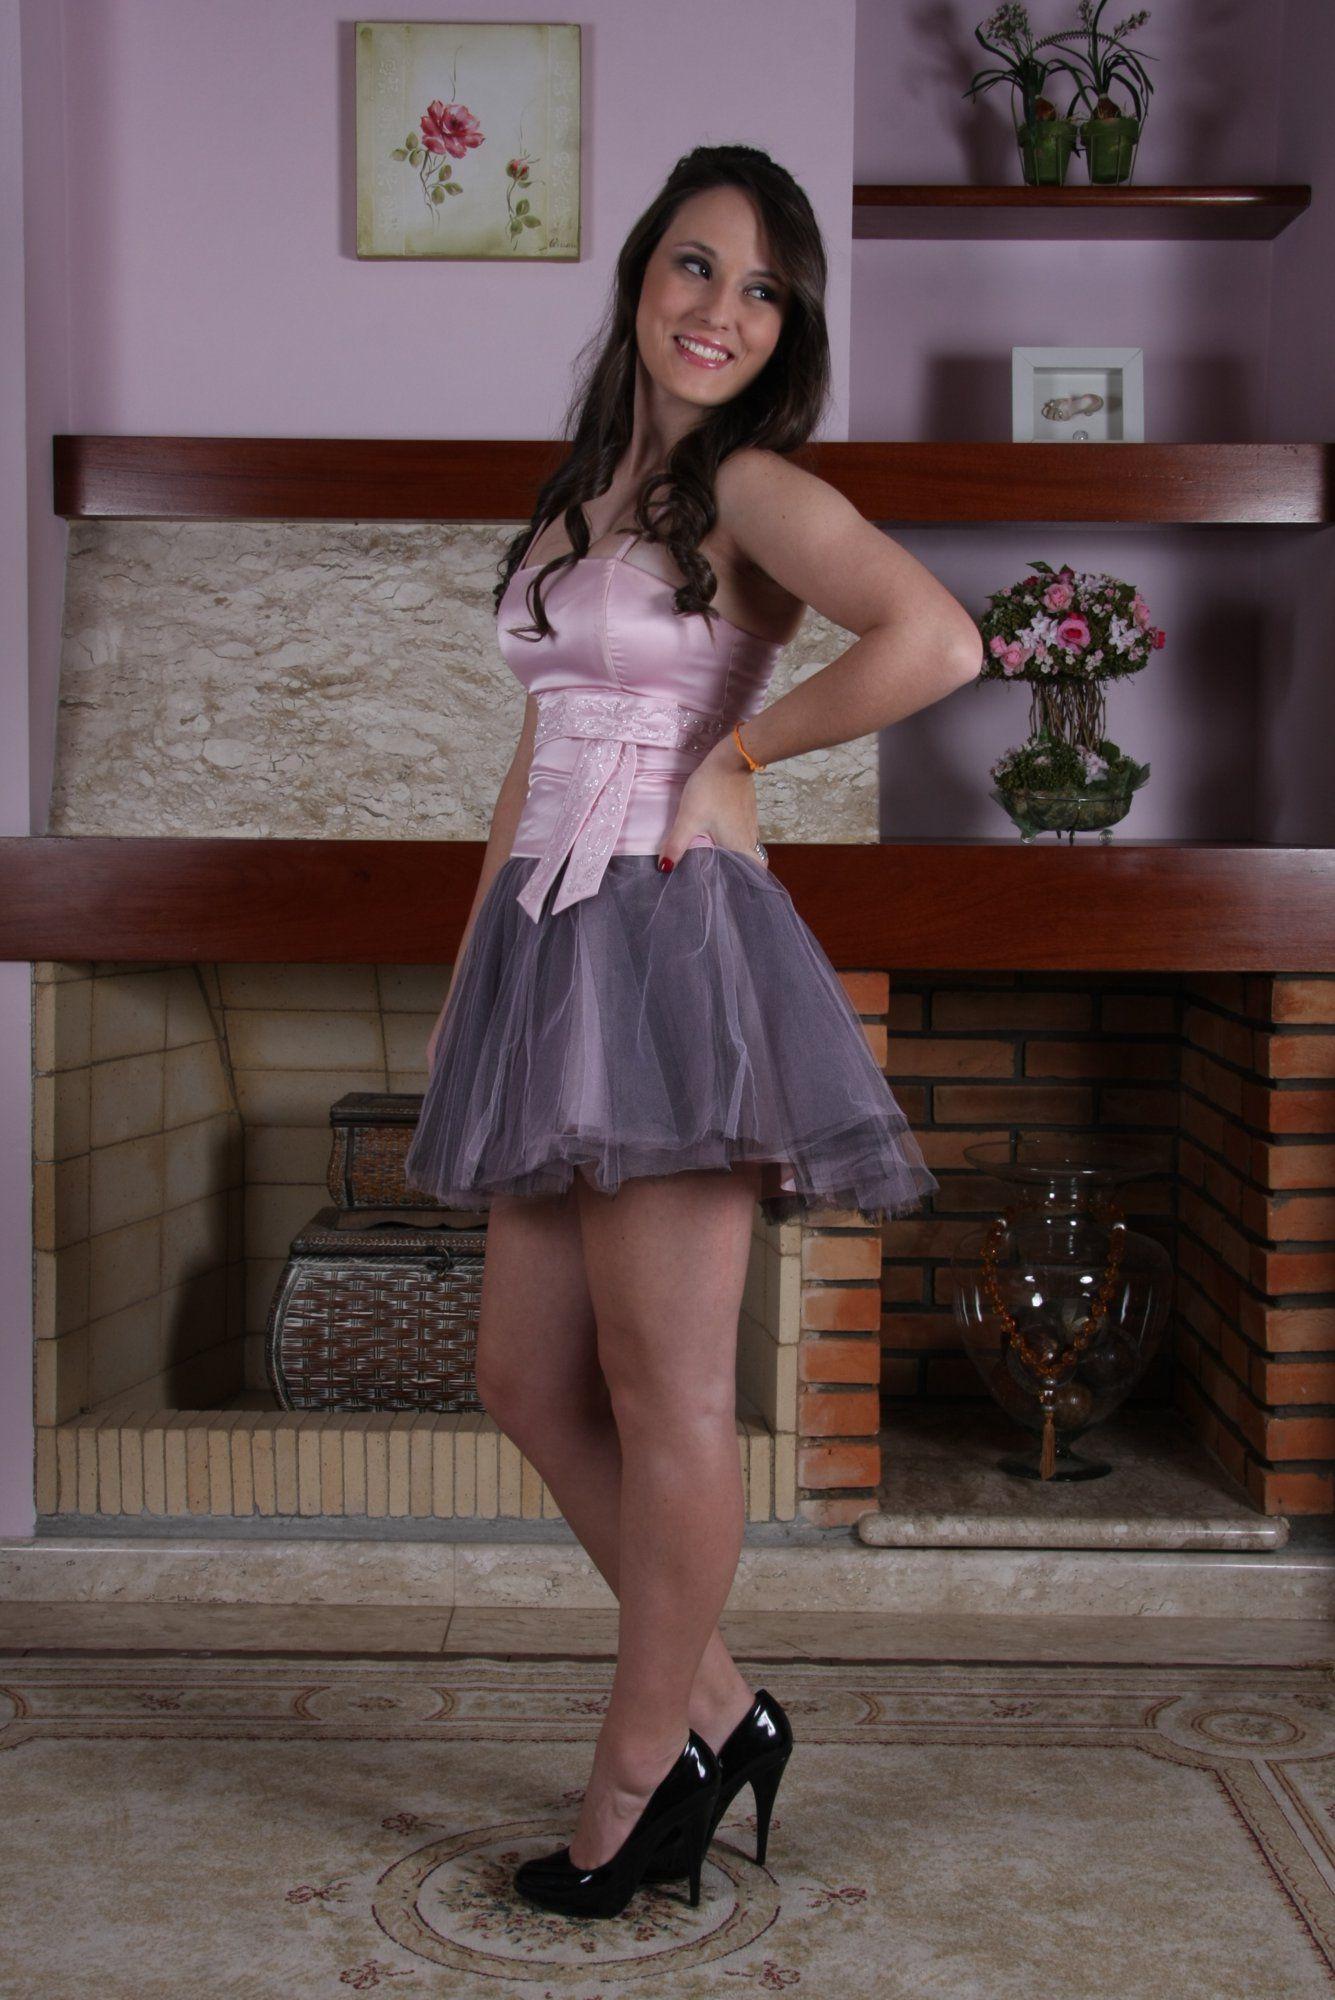 Vestido de Debutante Rosa - 25 - Hipnose Alta Costura e Spa para Noivas e Noivos - Campinas - SP Vestido de Debutante, Vestido de Debutante Rosa, Hipnose Alta Costura